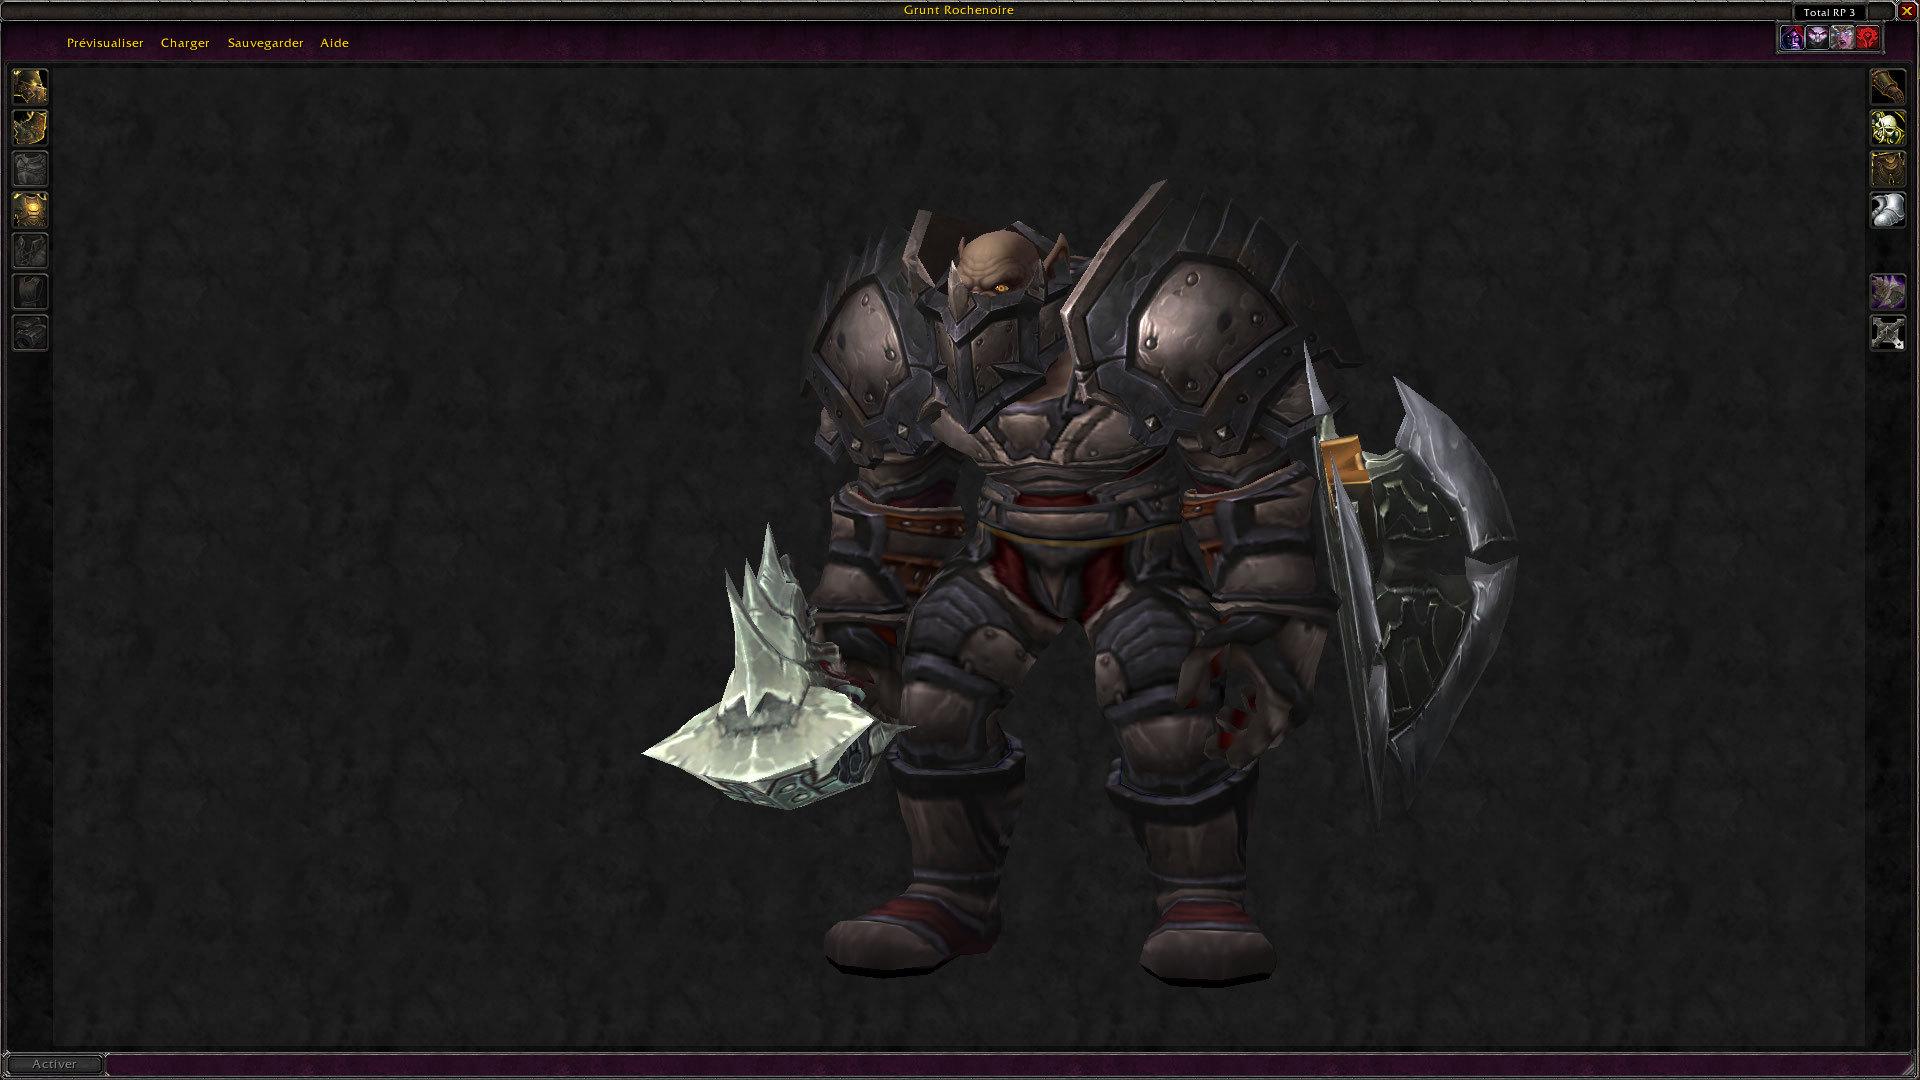 [Mise-en-place] L'Ascension de la Horde 666422GruntRochenoire